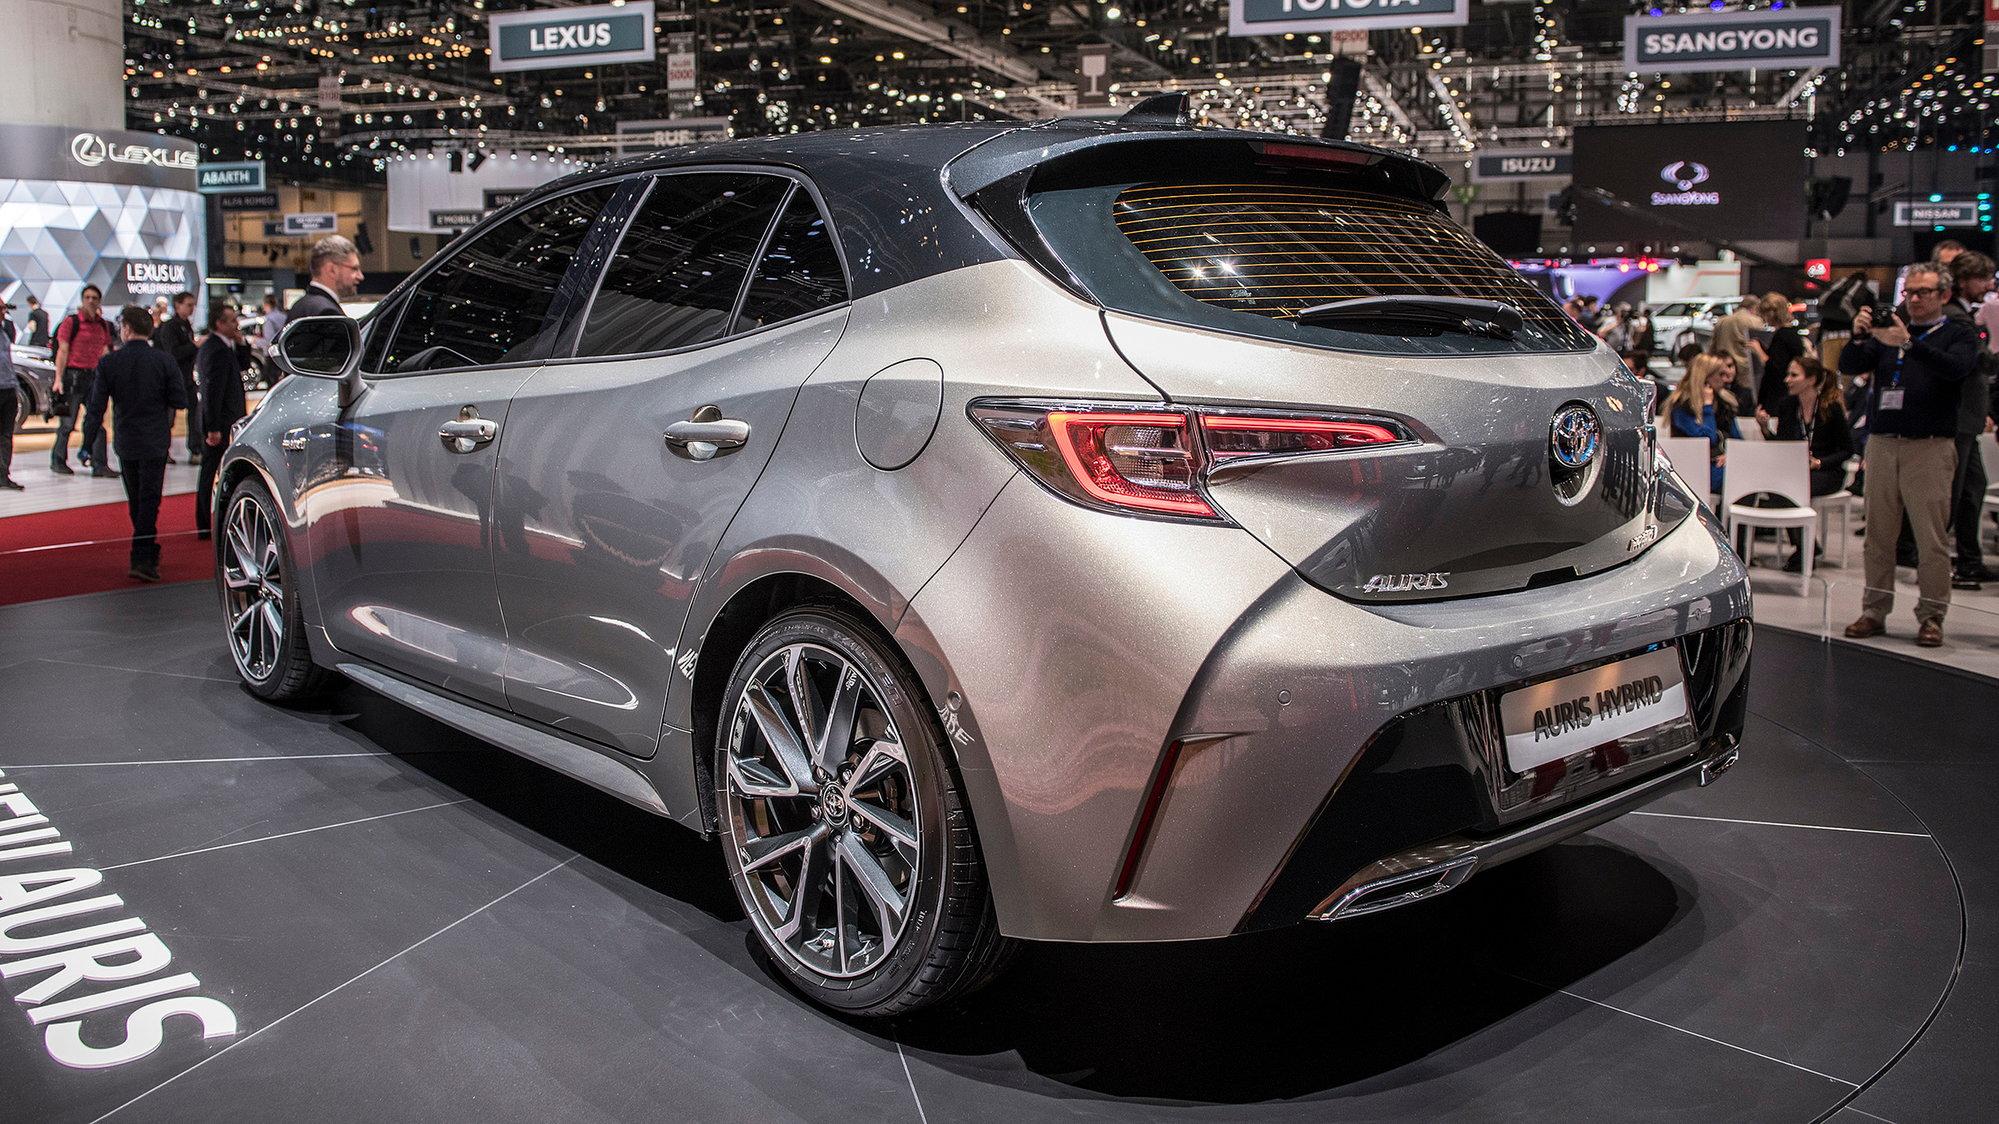 2019 Toyota Prius V >> Stunning new 2019 Auris (Corolla iM) - ClubLexus - Lexus Forum Discussion